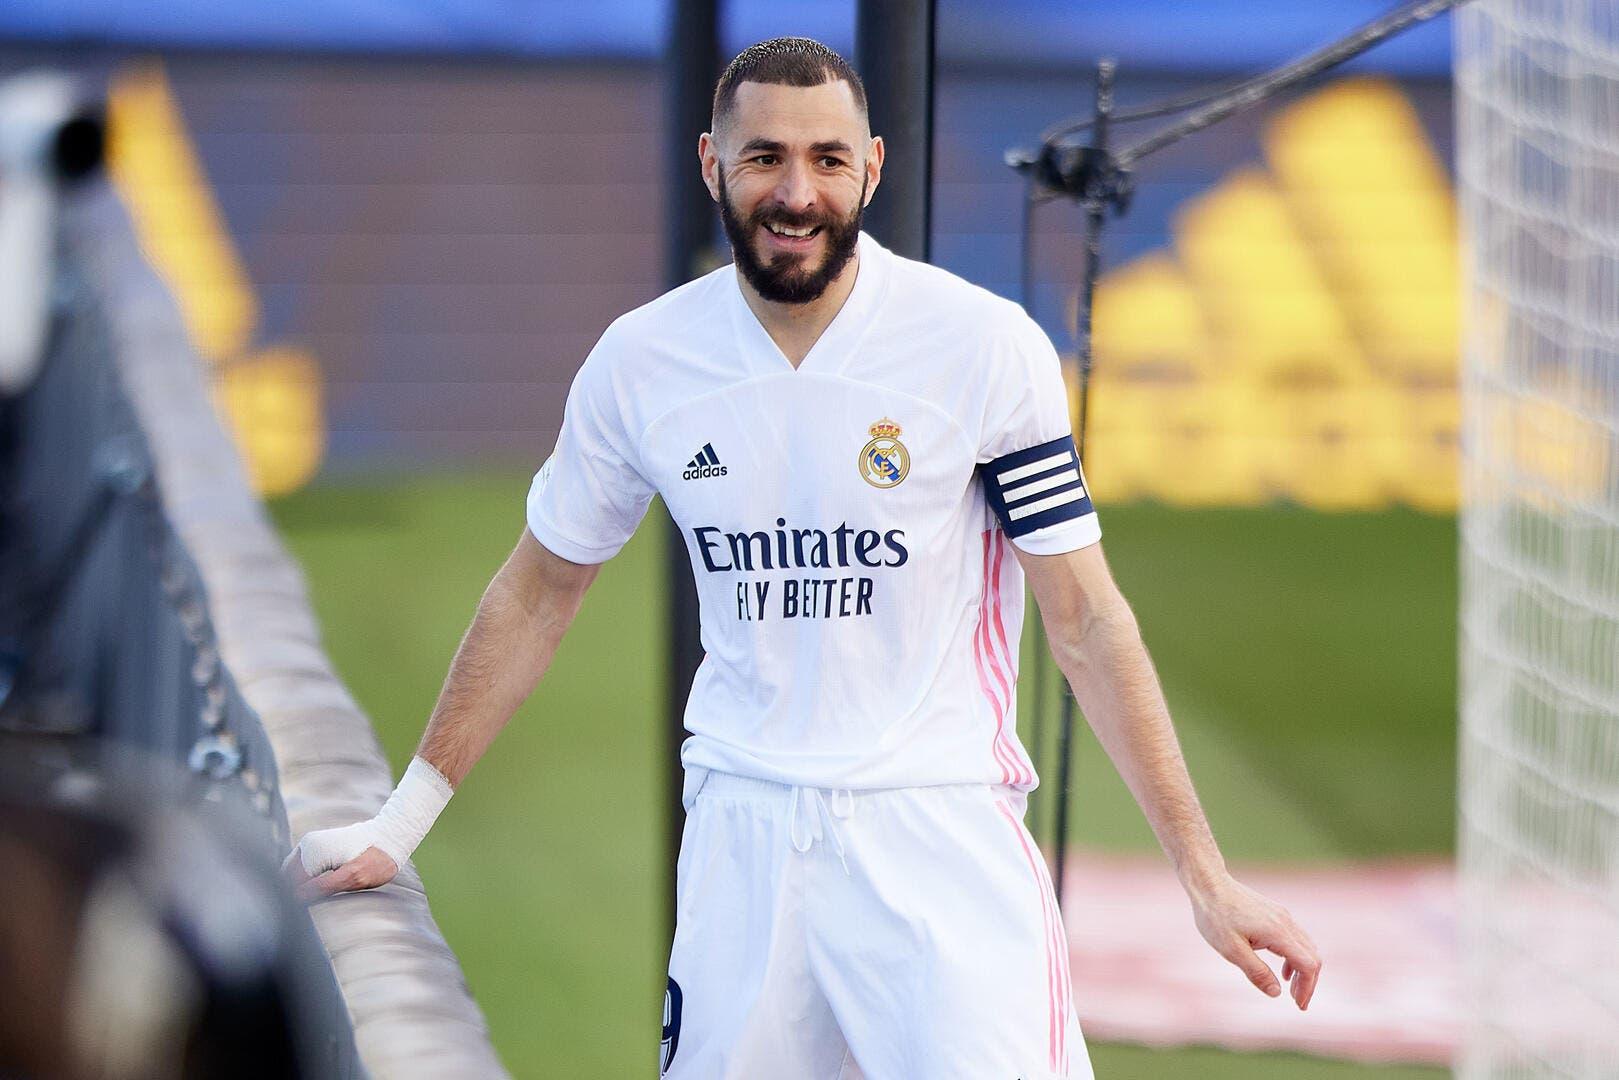 OL : Le Real ne gâchera pas le retour de Benzema à Lyon - Foot01.com